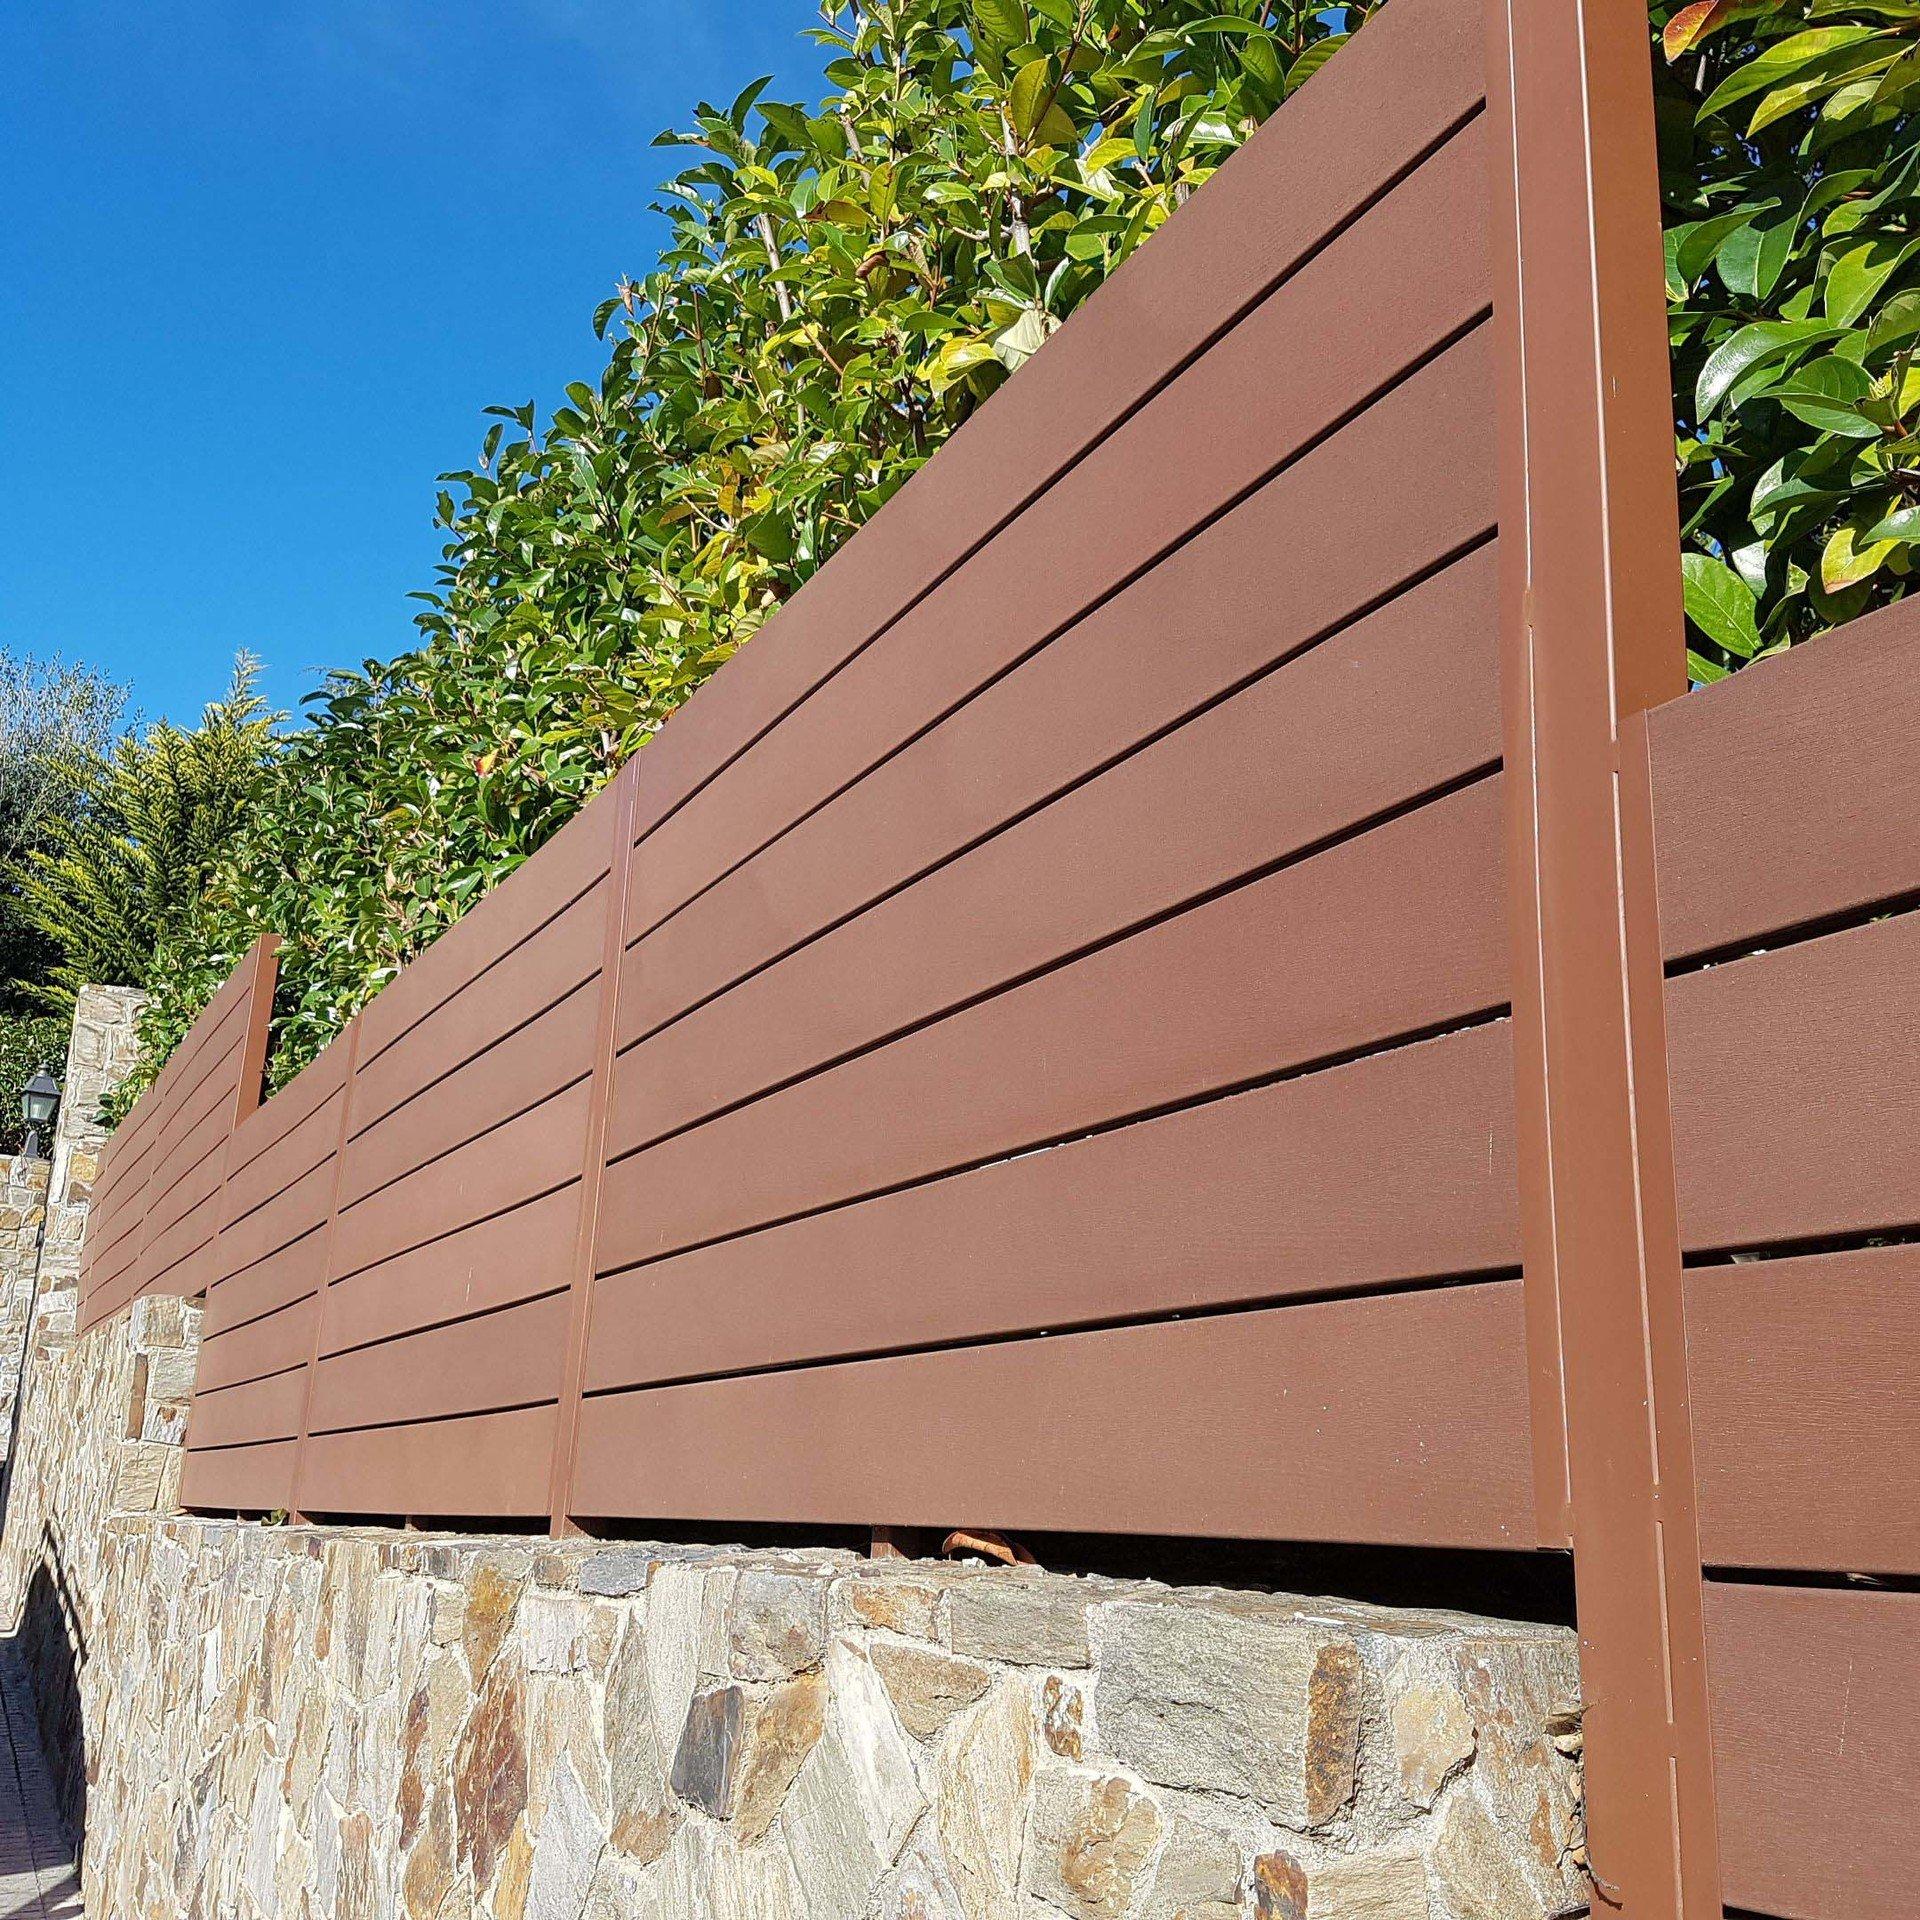 Venta e instalaci n de vallas y verjas en barcelona for Vallas de pvc para jardin